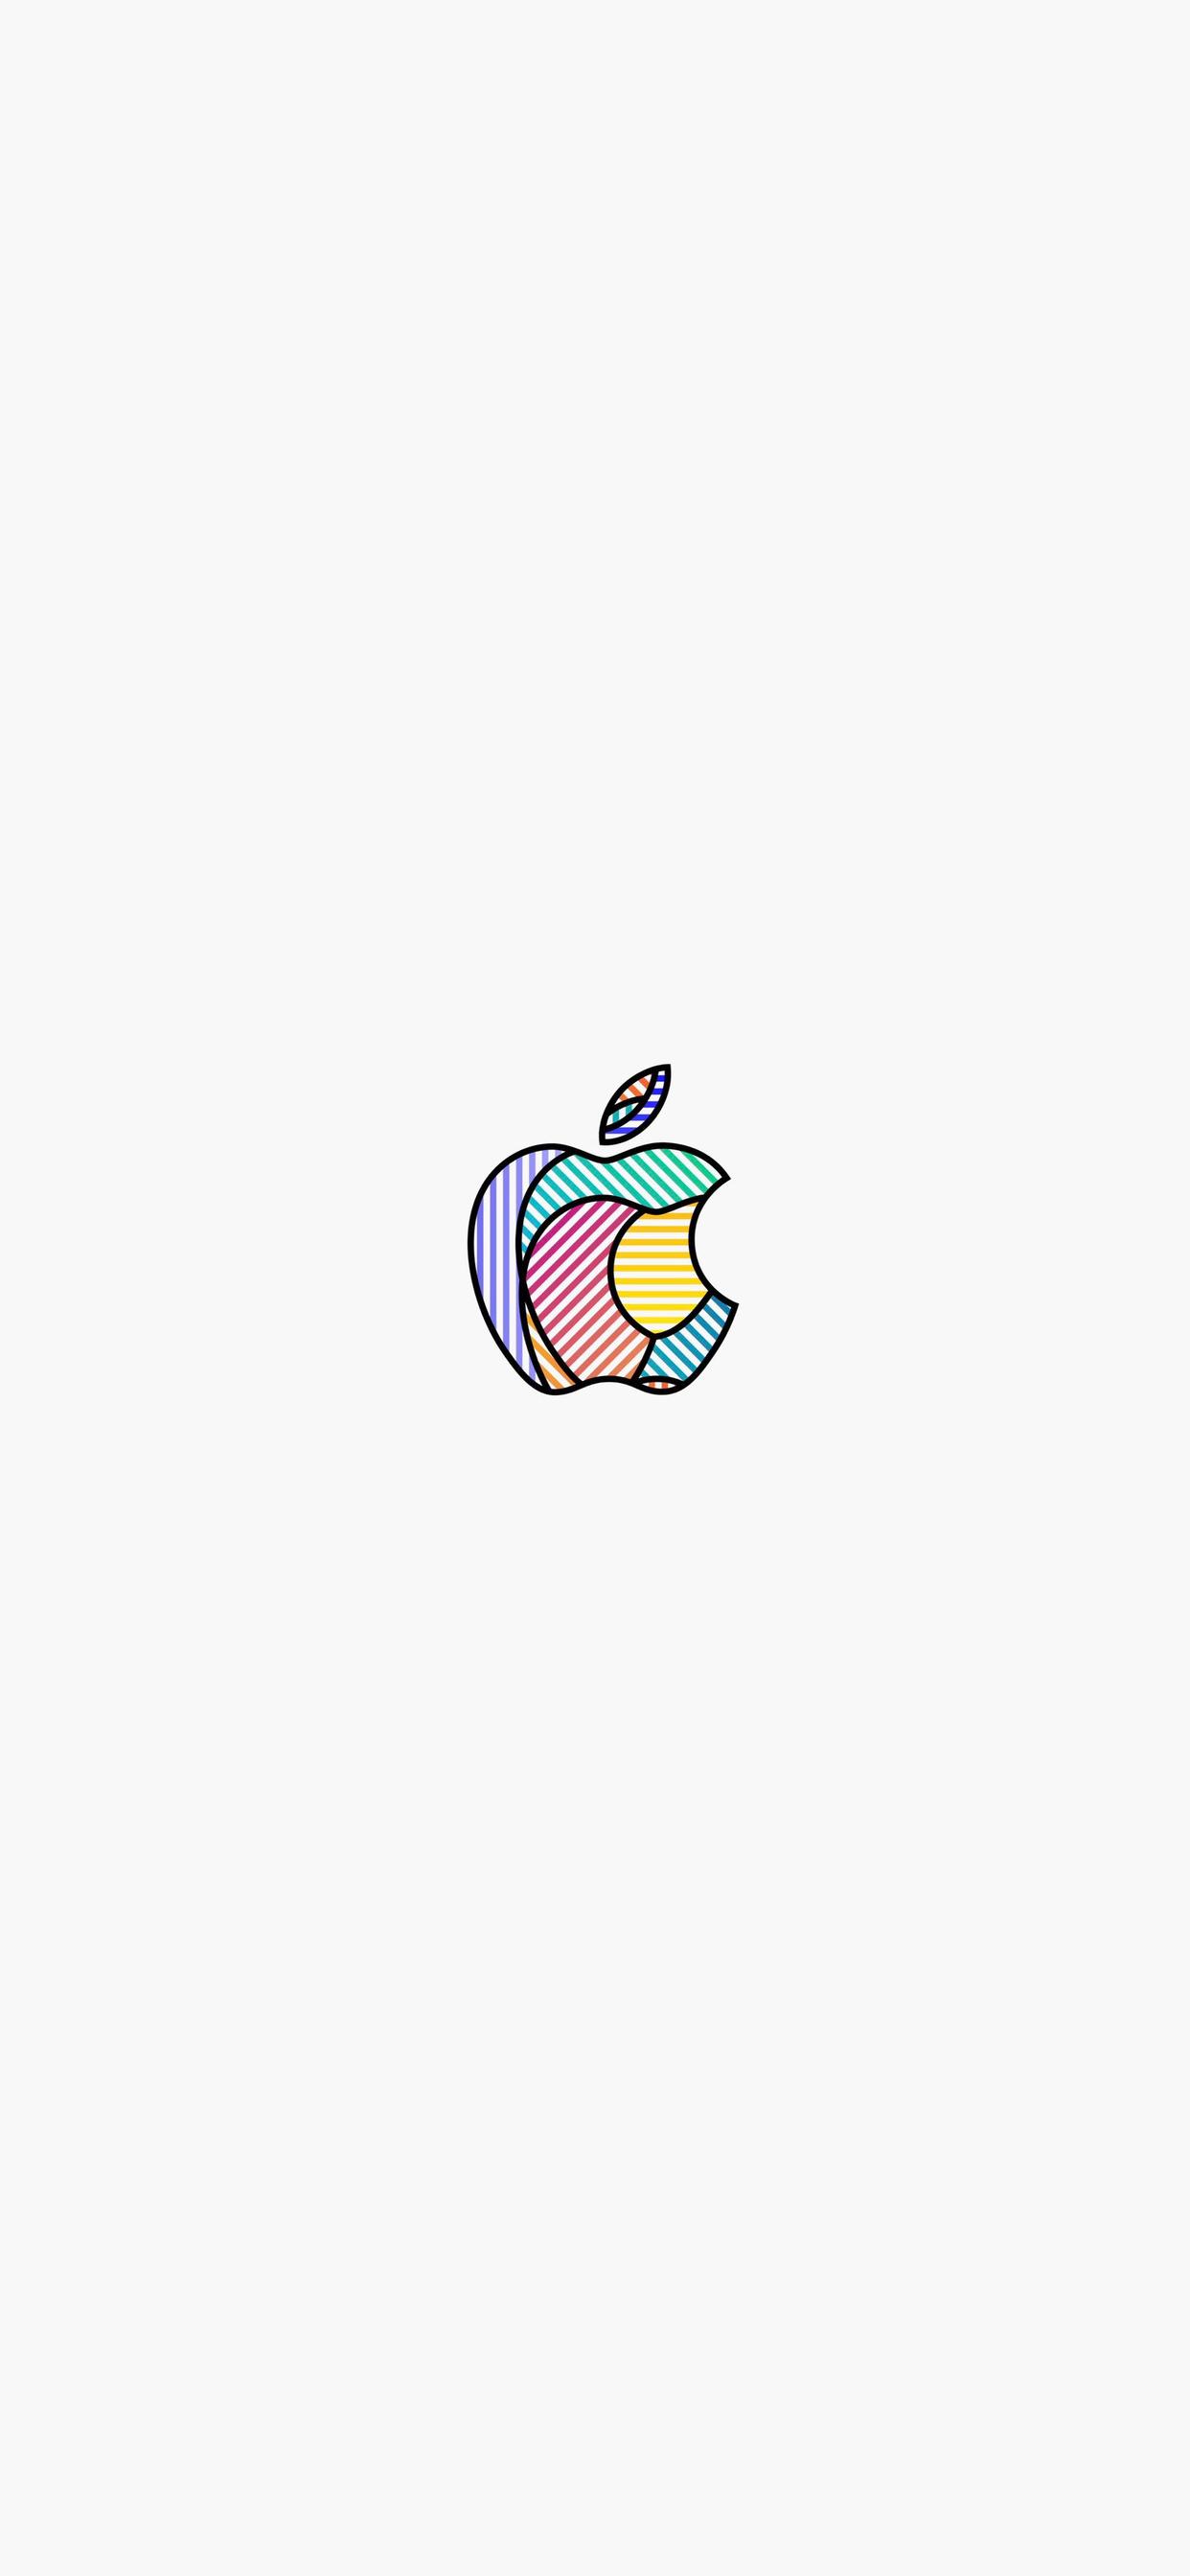 26 Fonds d'écran avec le logo Apple pour iPhone